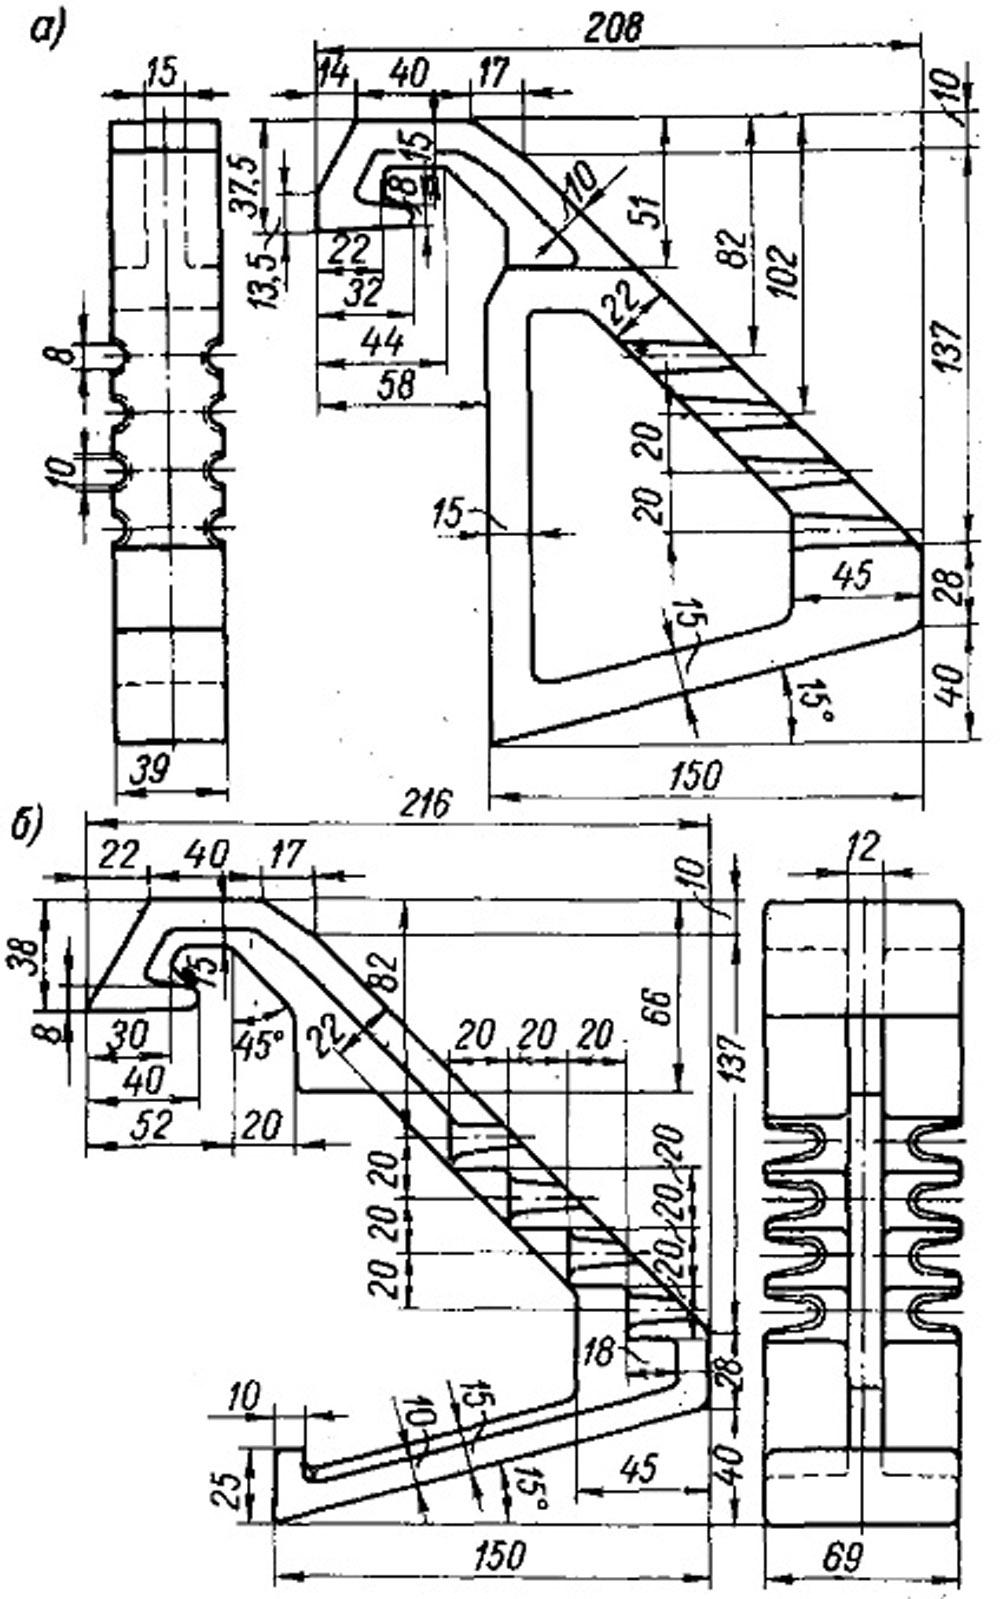 схема охлаждения топки тшпм-1,45